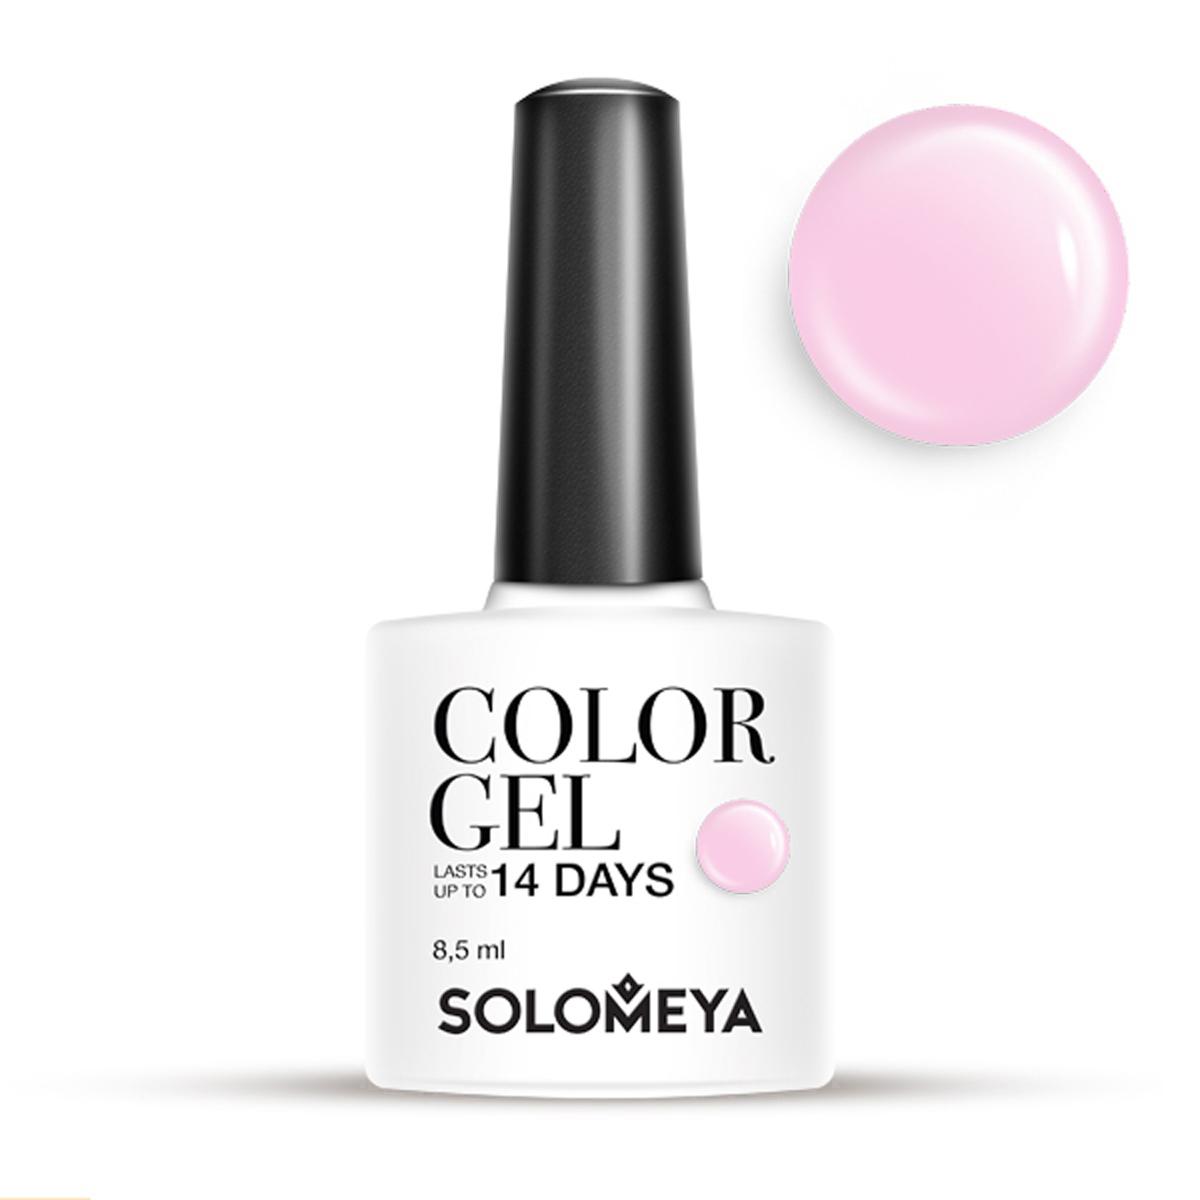 SOLOMEYA Гель-лак для ногтей SCGLE051 Розовый ирис / Color Gel Pink Iris 8, 5 мл  - Купить